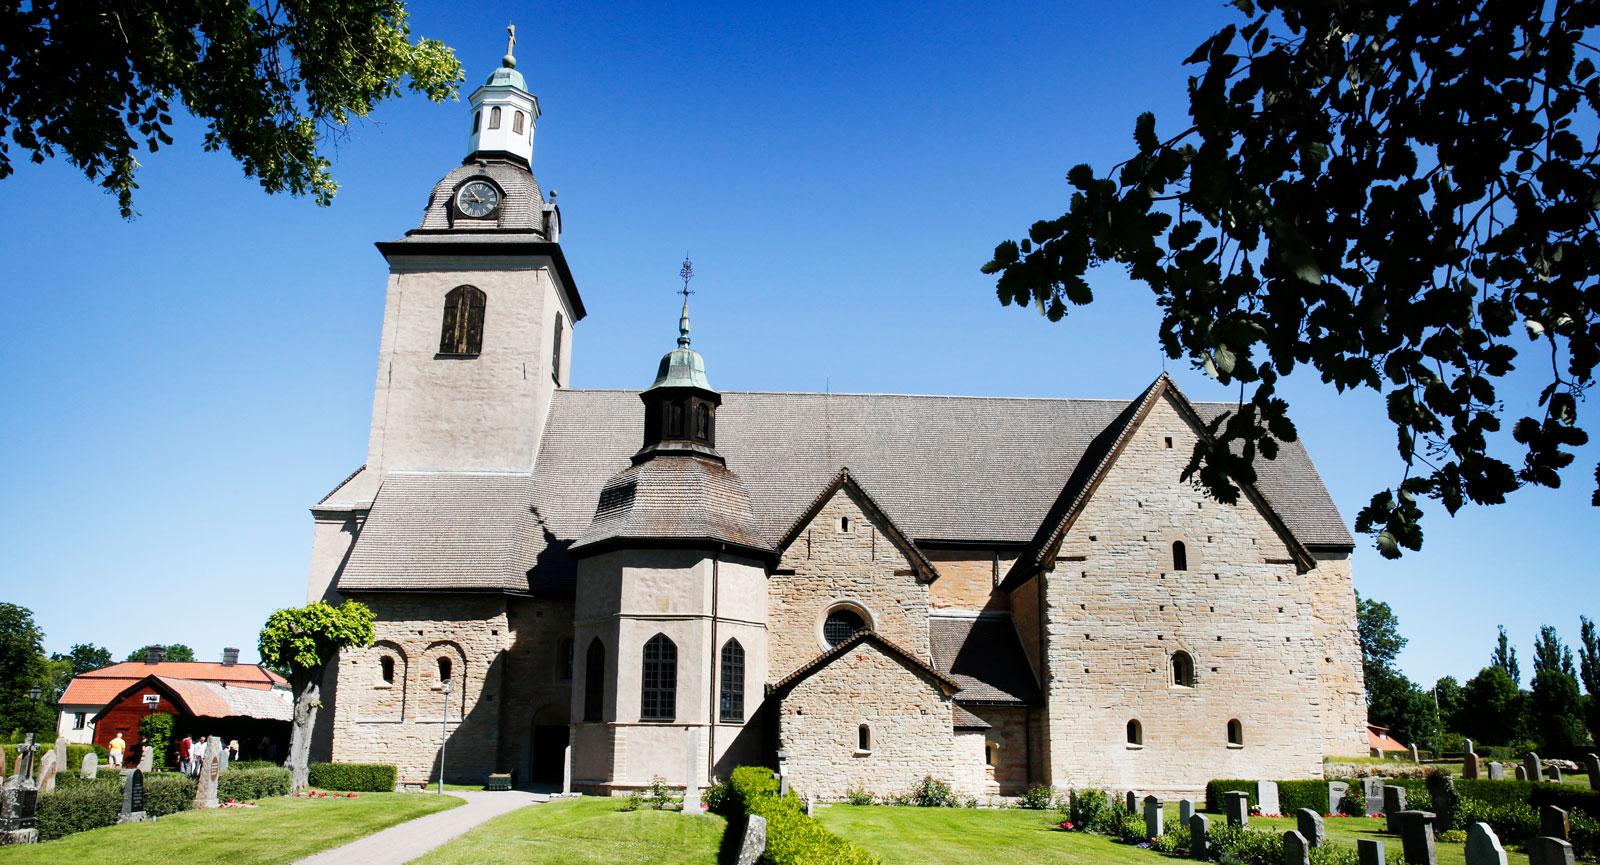 Vreta Kloster kyrka från 1100-talet.